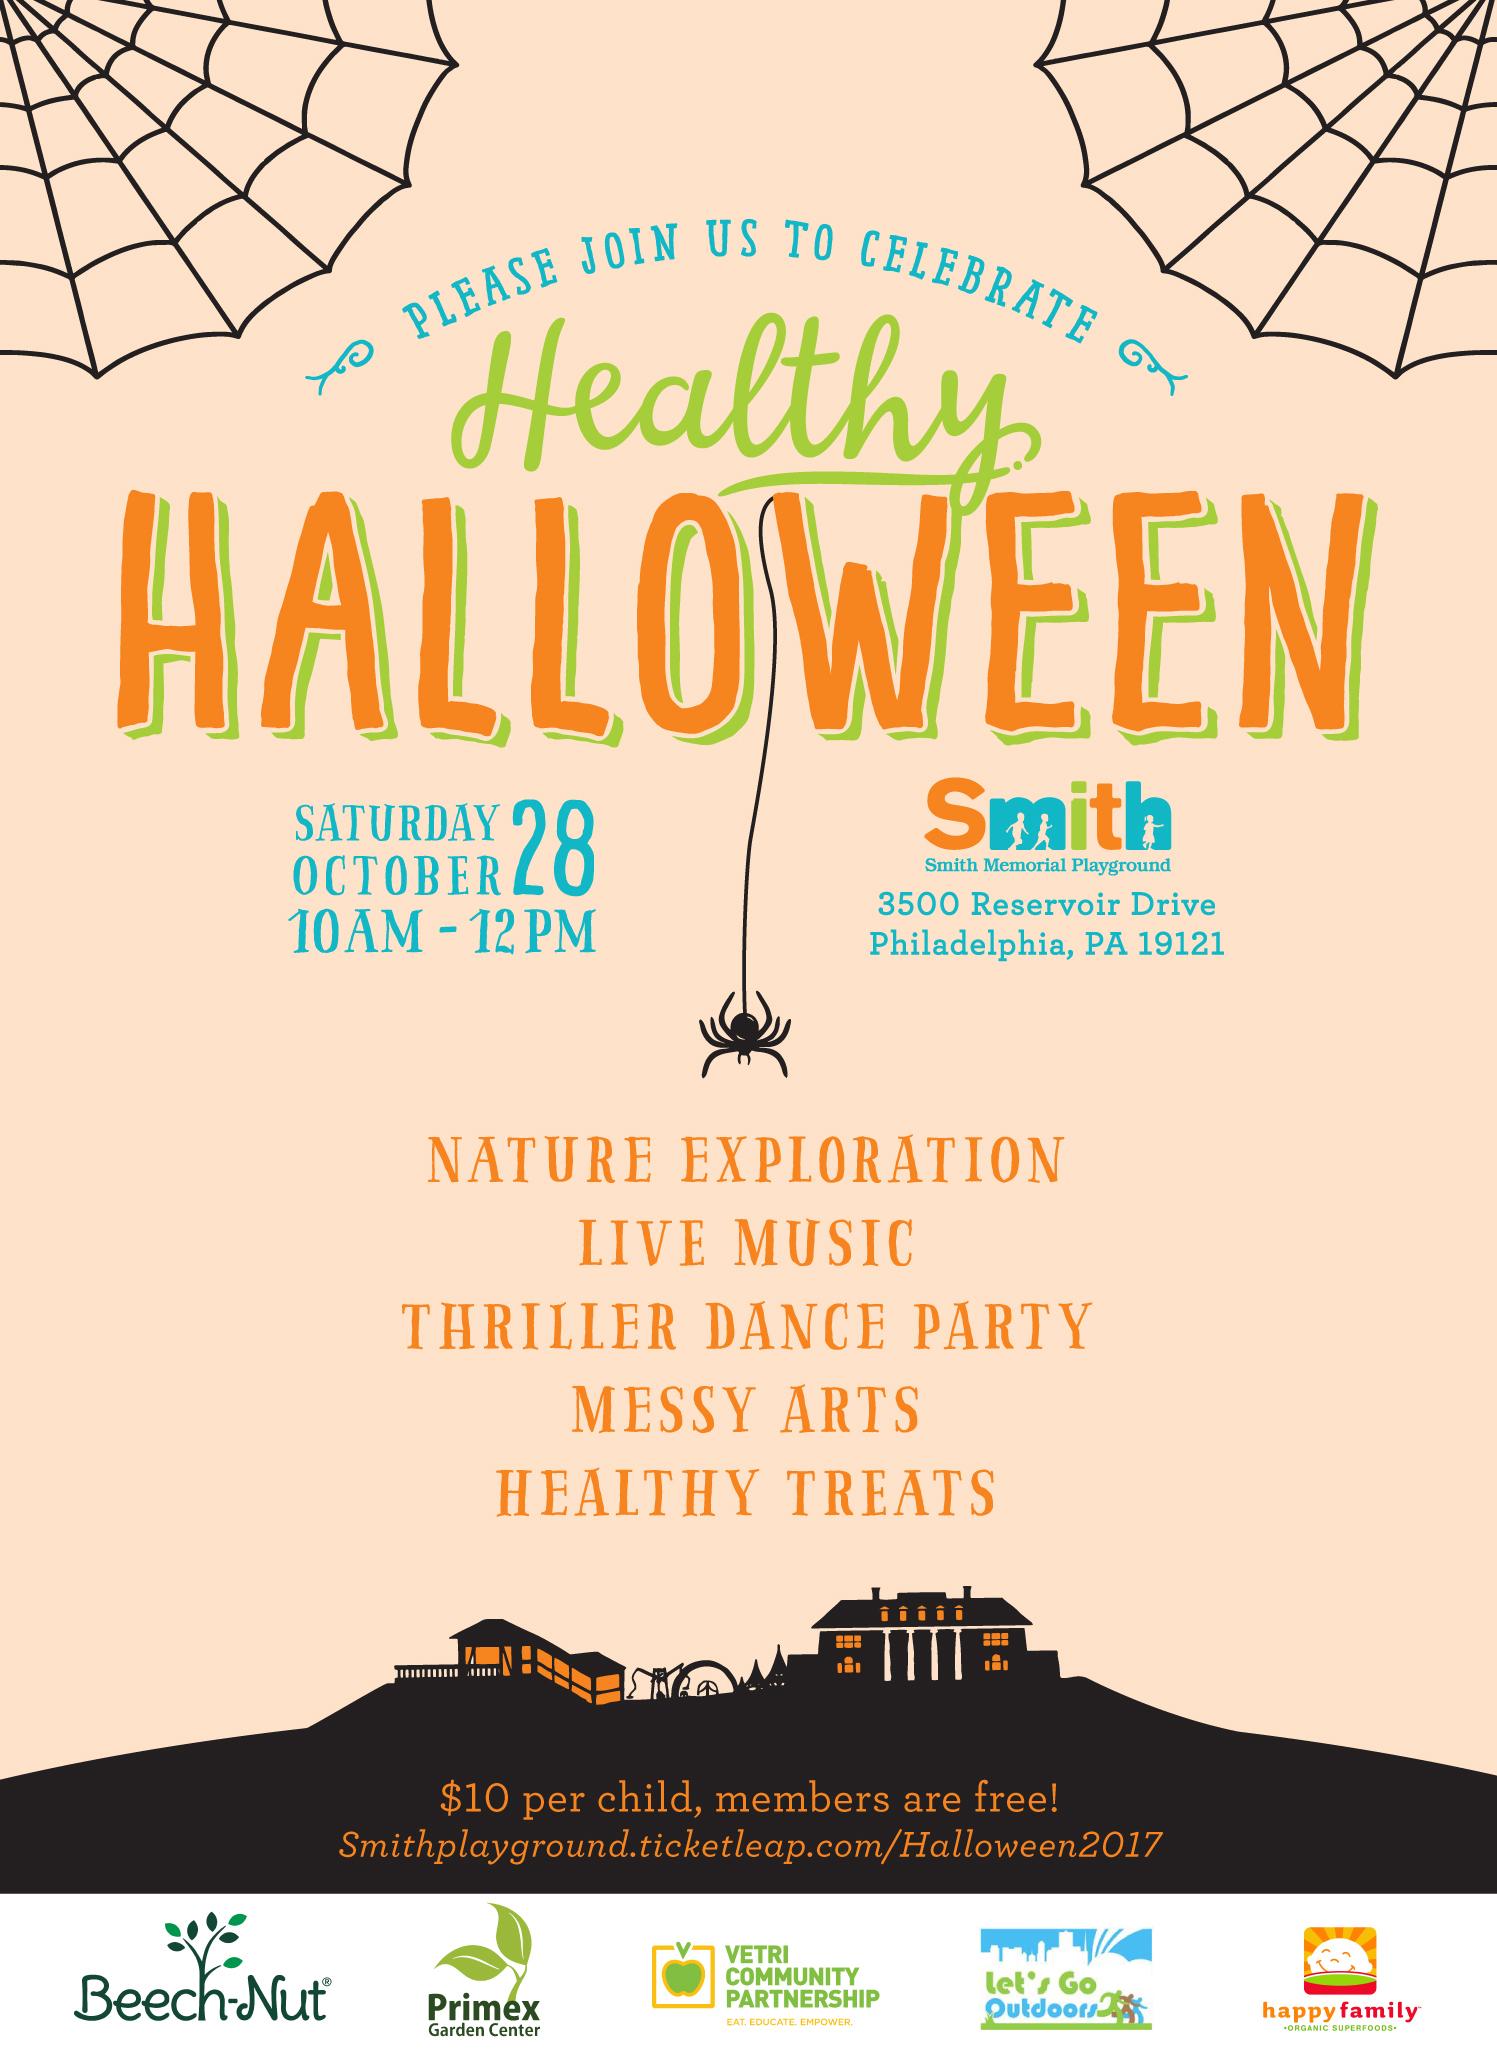 SmithPlayground_HealthyHalloween2017_A5